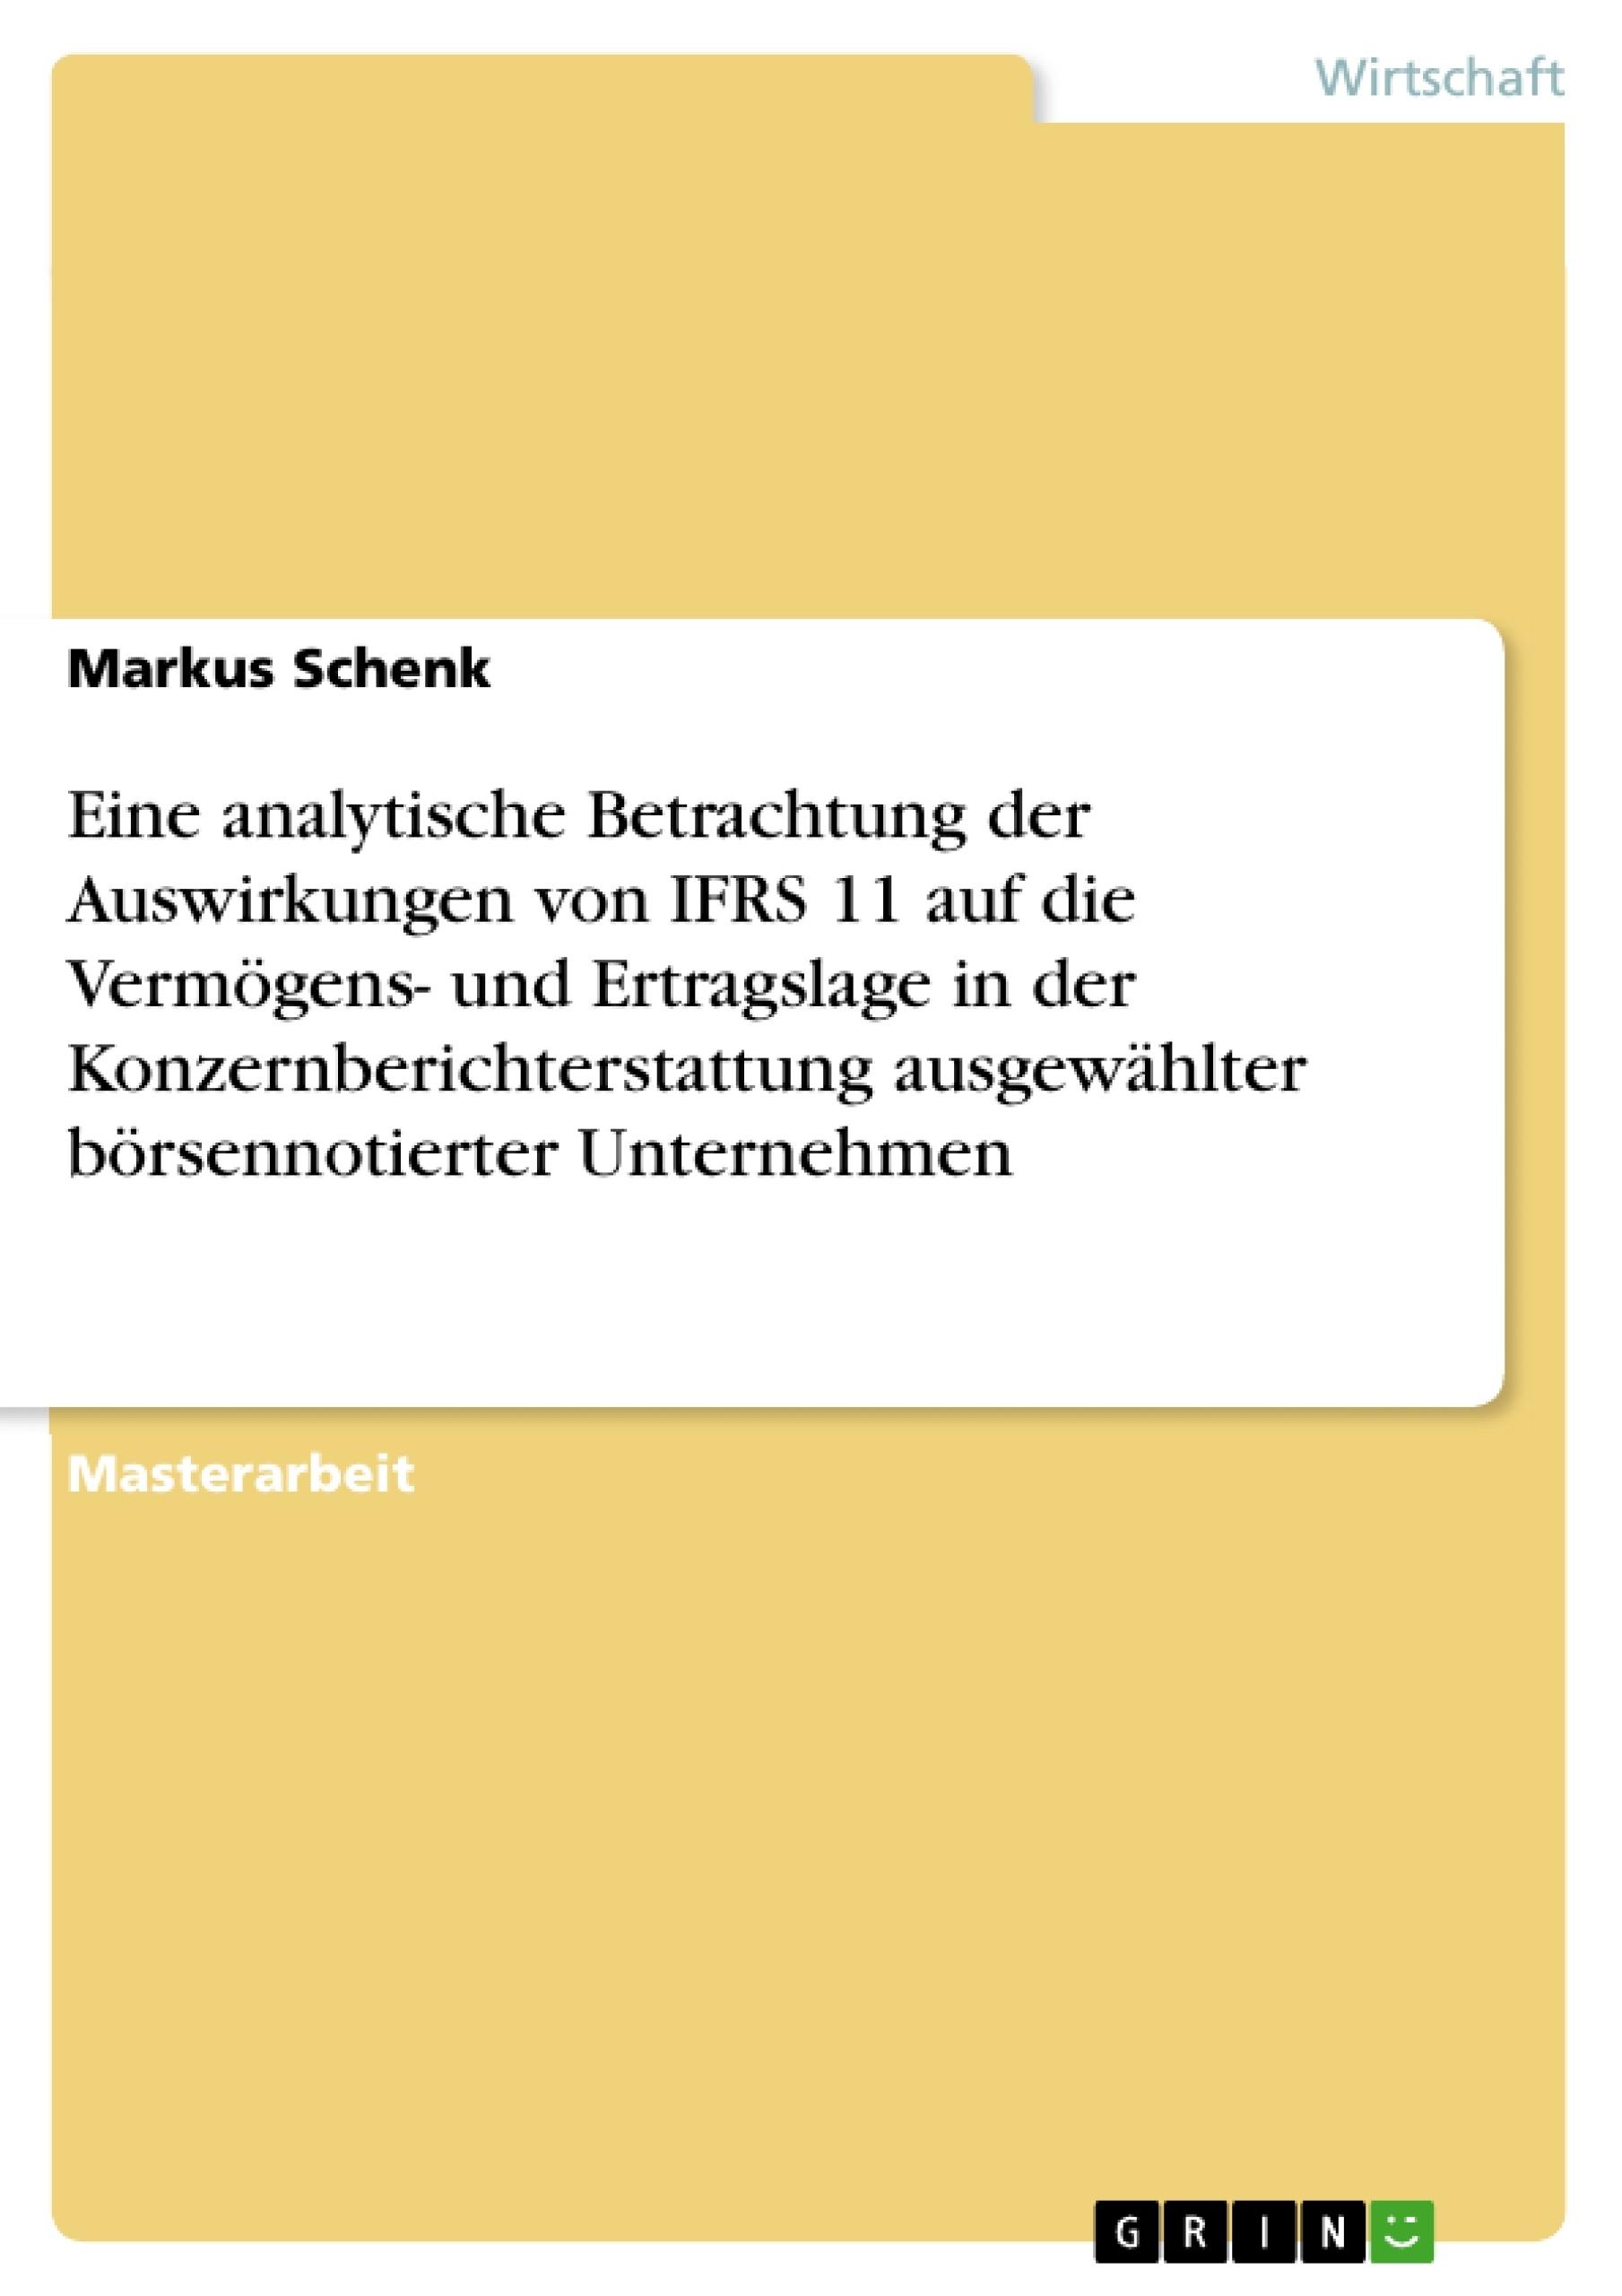 Titel: Eine analytische Betrachtung der Auswirkungen von IFRS 11 auf die Vermögens- und Ertragslage in der Konzernberichterstattung ausgewählter börsennotierter Unternehmen